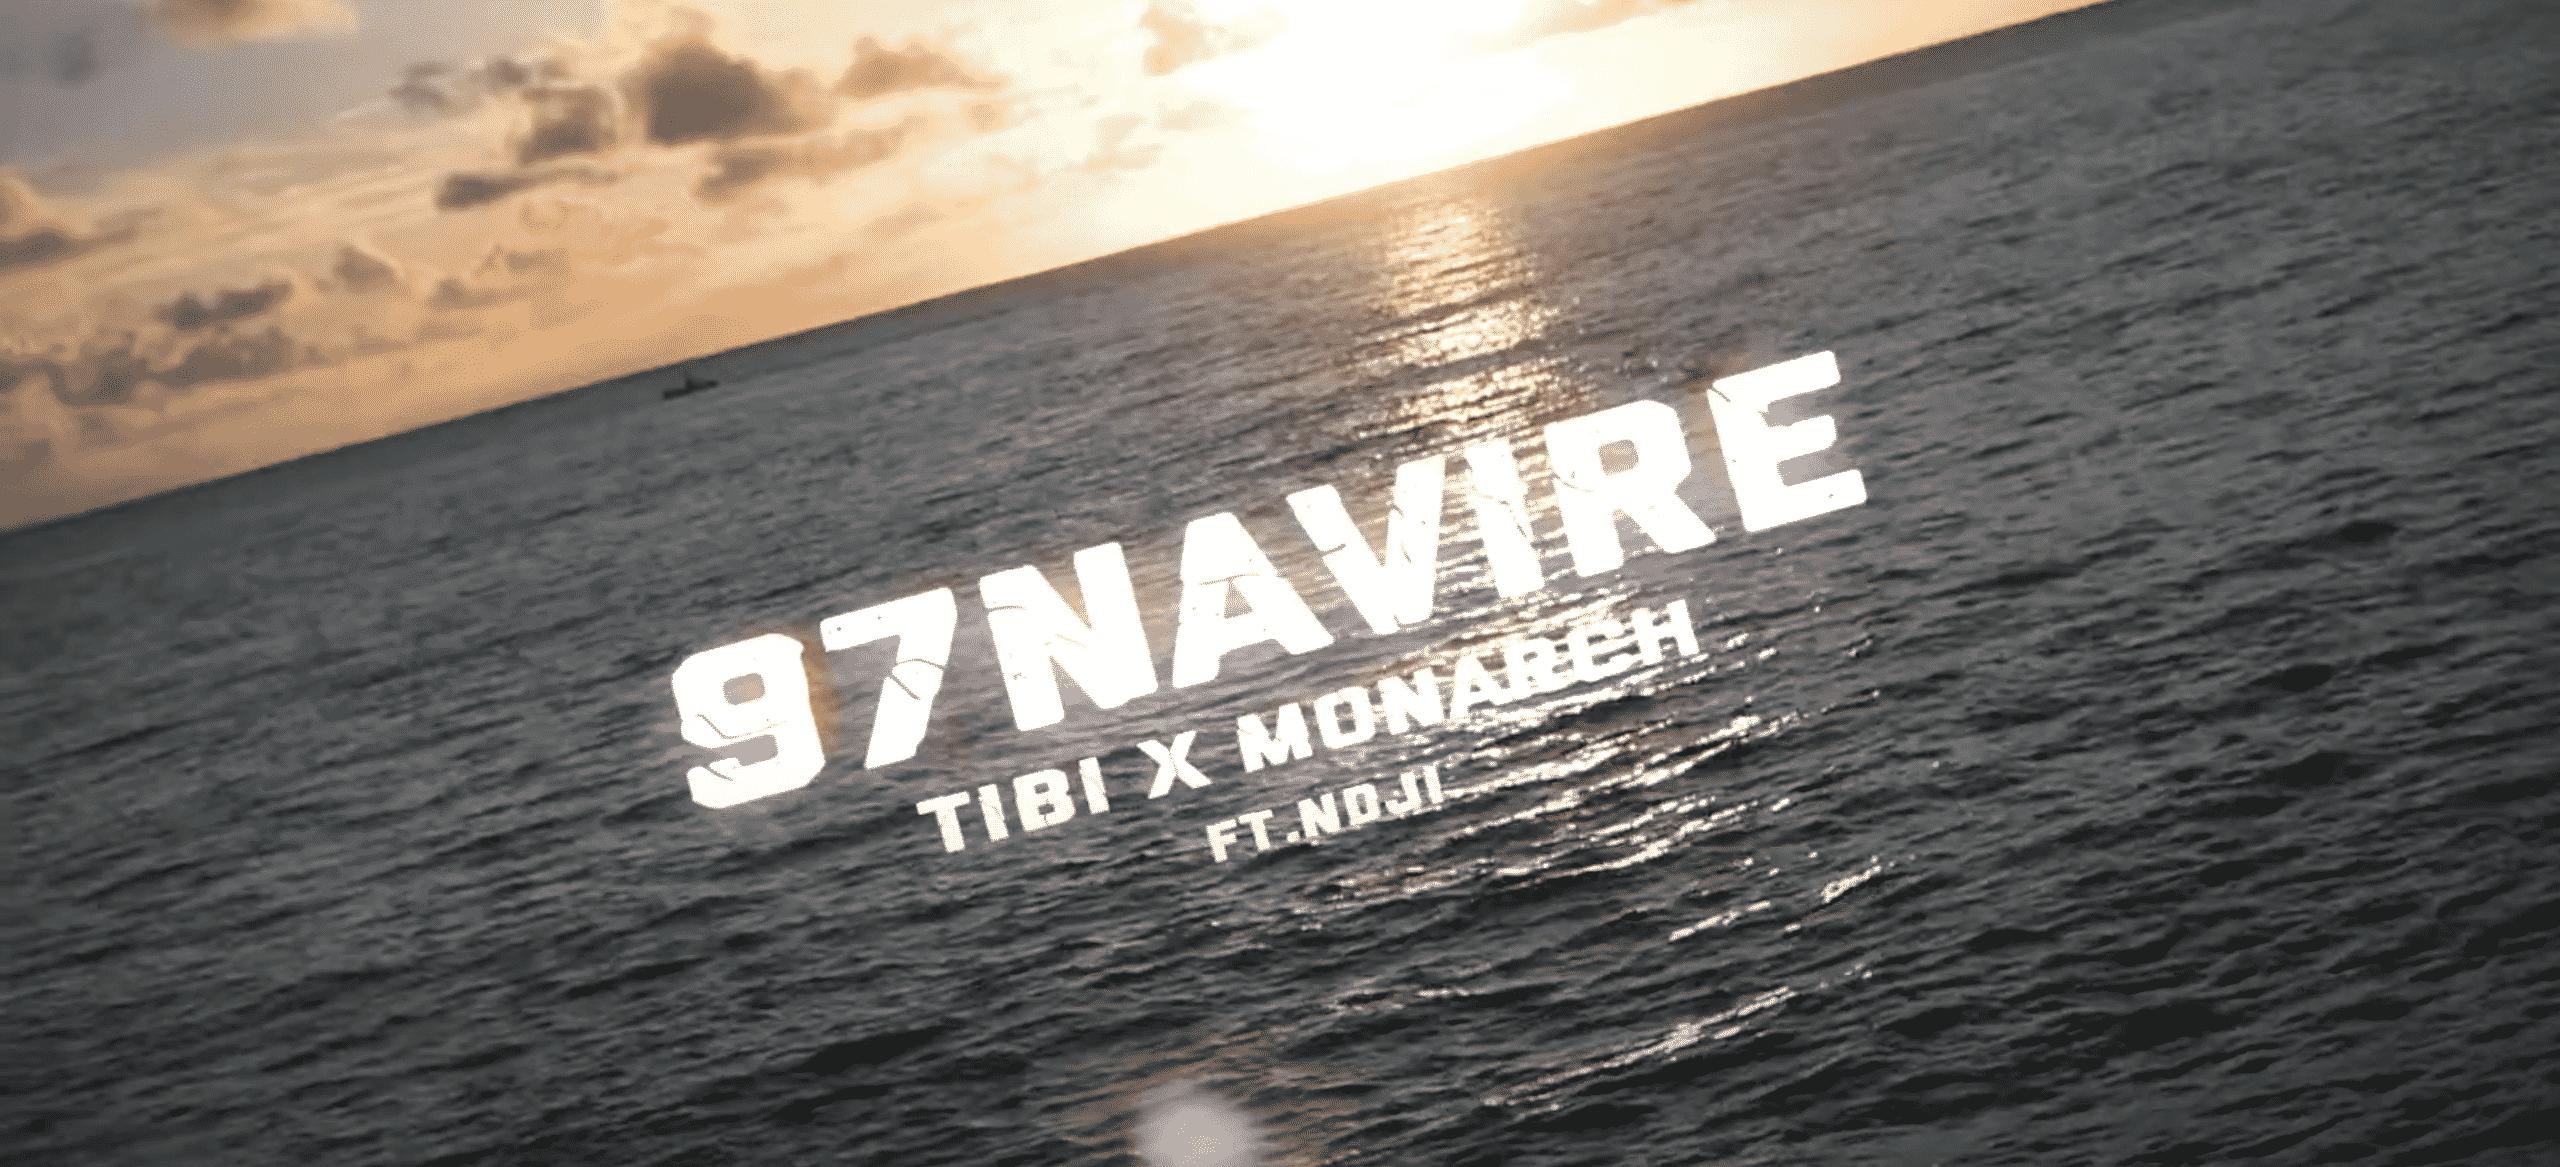 """Tibi et N'dji donne des leçons de  kickage sur """"97 Navire"""""""